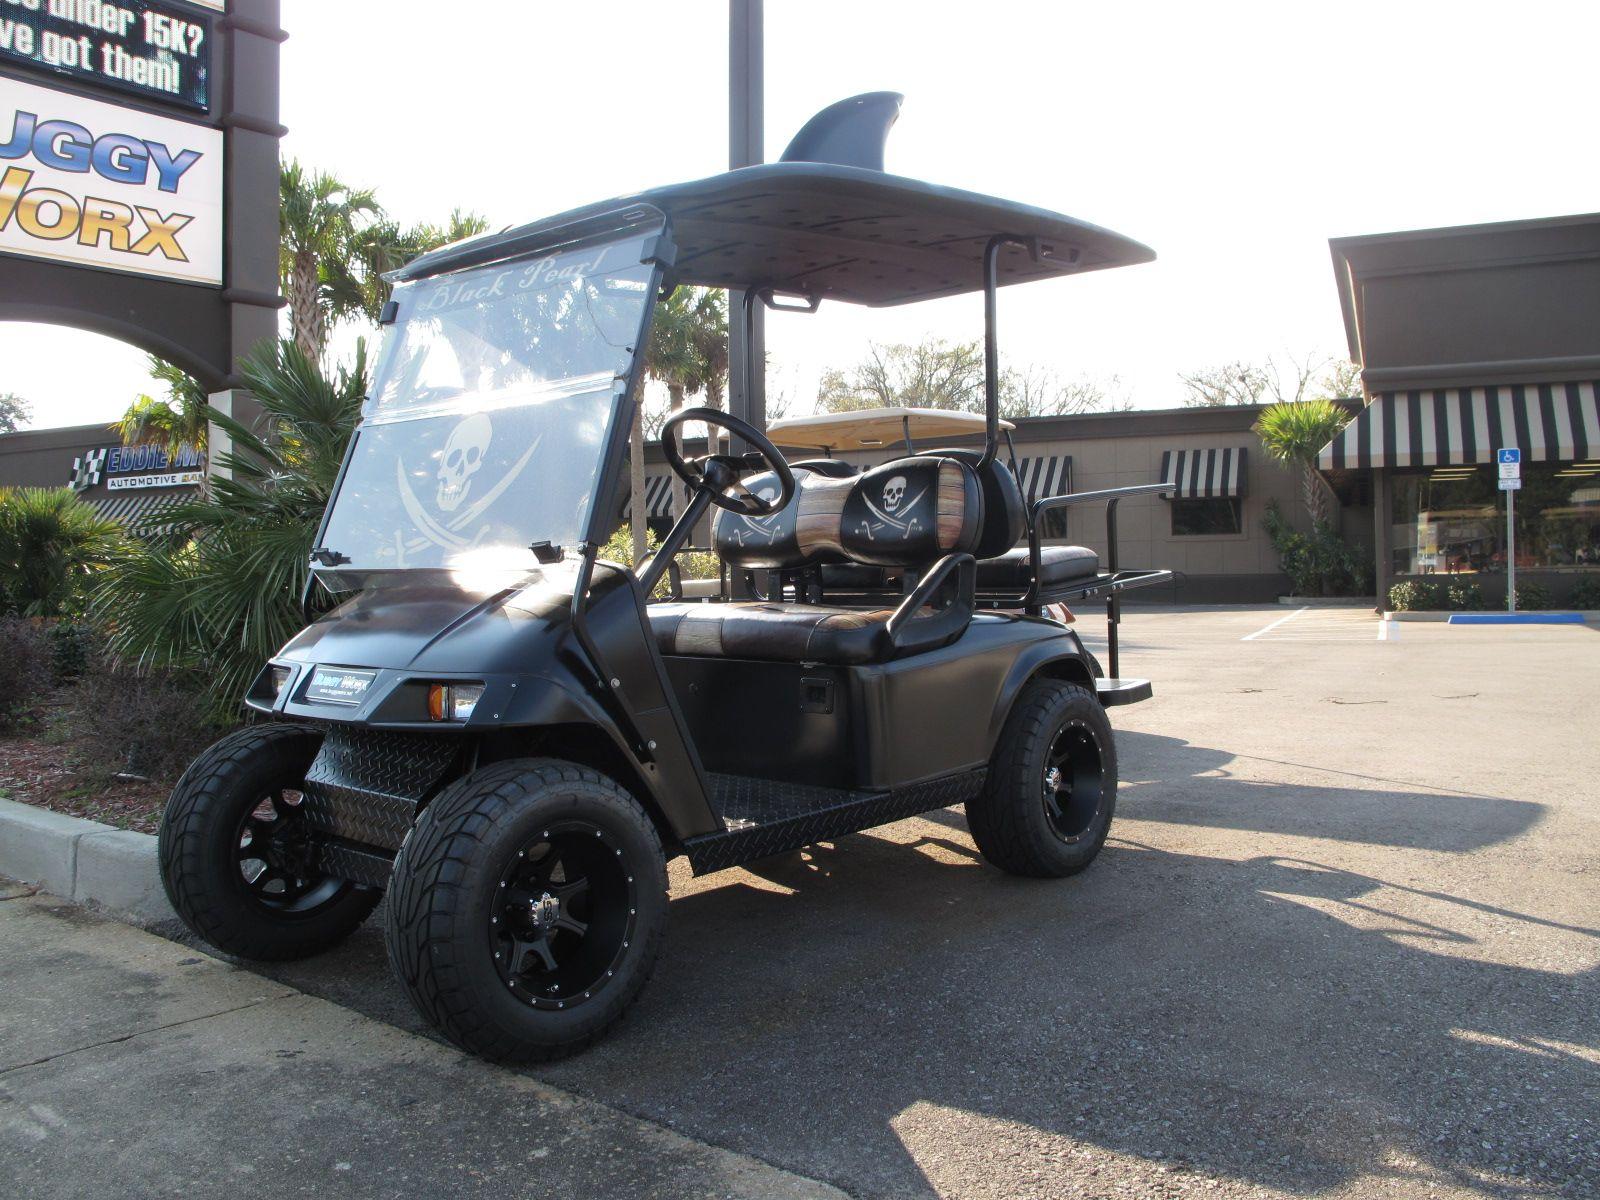 18++ Can u get a dui on a golf cart info